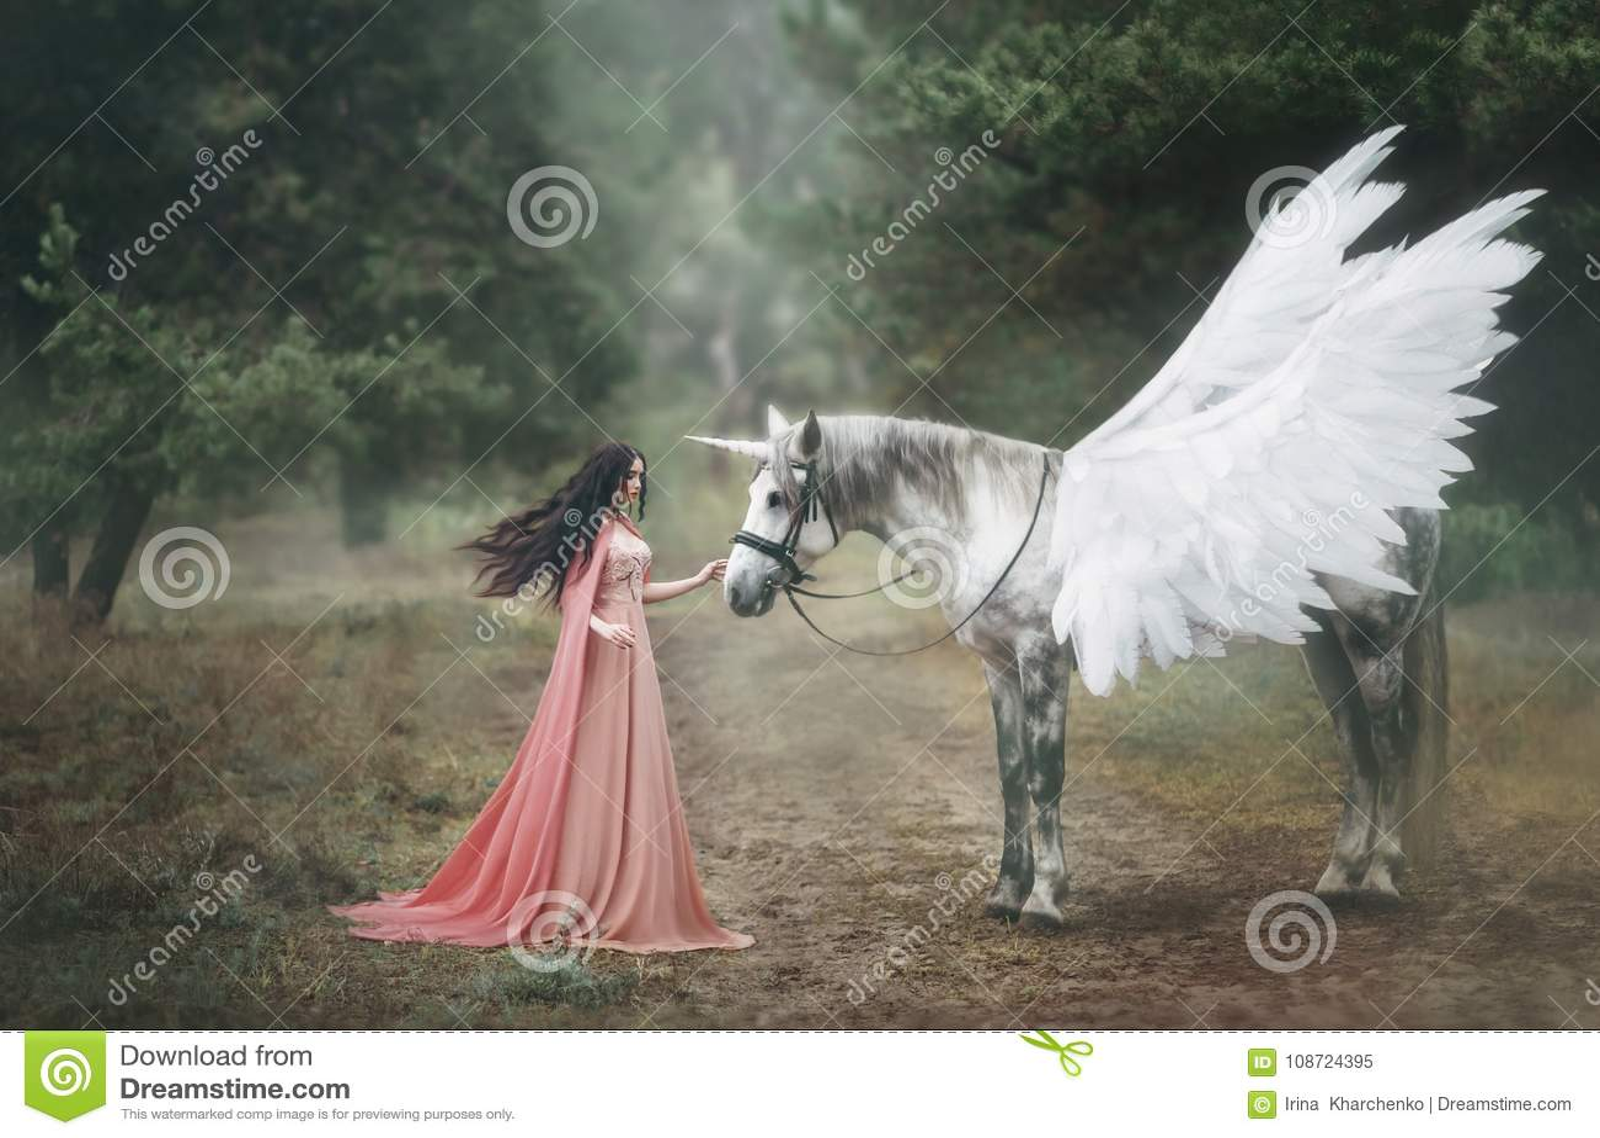 Красивый, молодой эльф, идя с единорогом в лесе она одета в длинном оранжевом платье с плащем Шлейф красивый